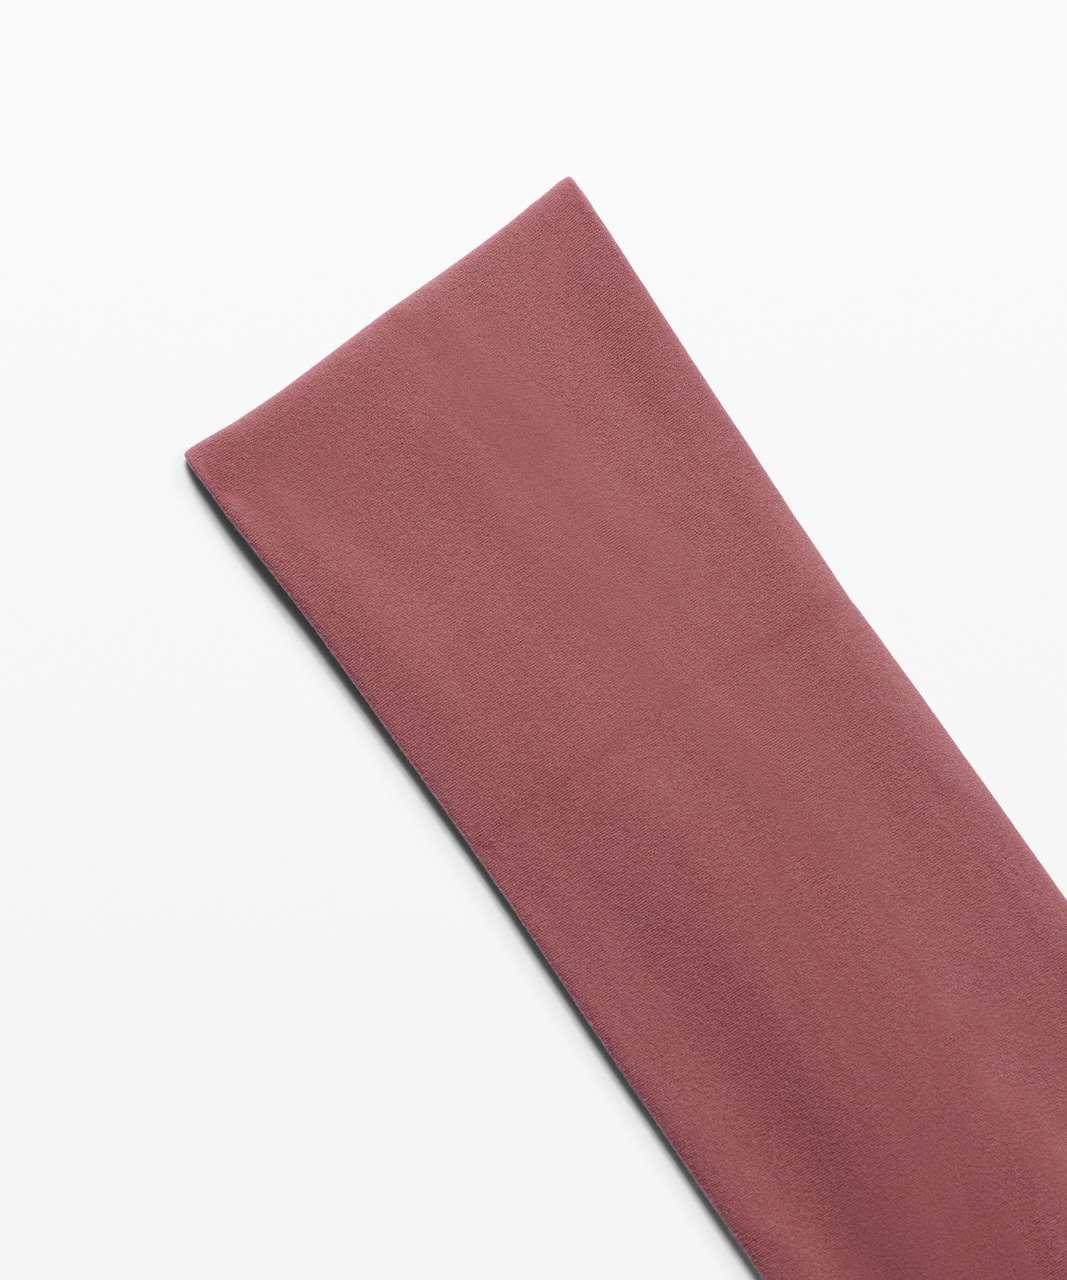 Lululemon Fringe Fighter Headband - Pink Pastel / Ancient Copper